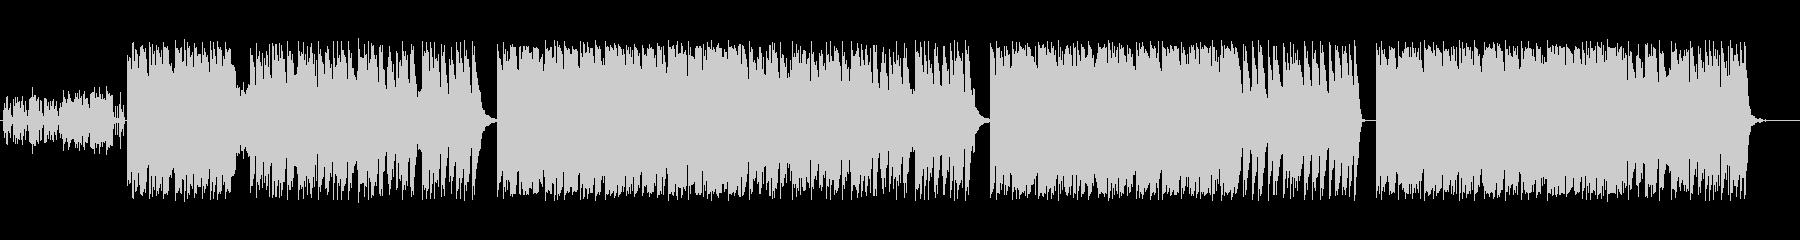 海外系ヒップホップ/Beats/壮大/3の未再生の波形